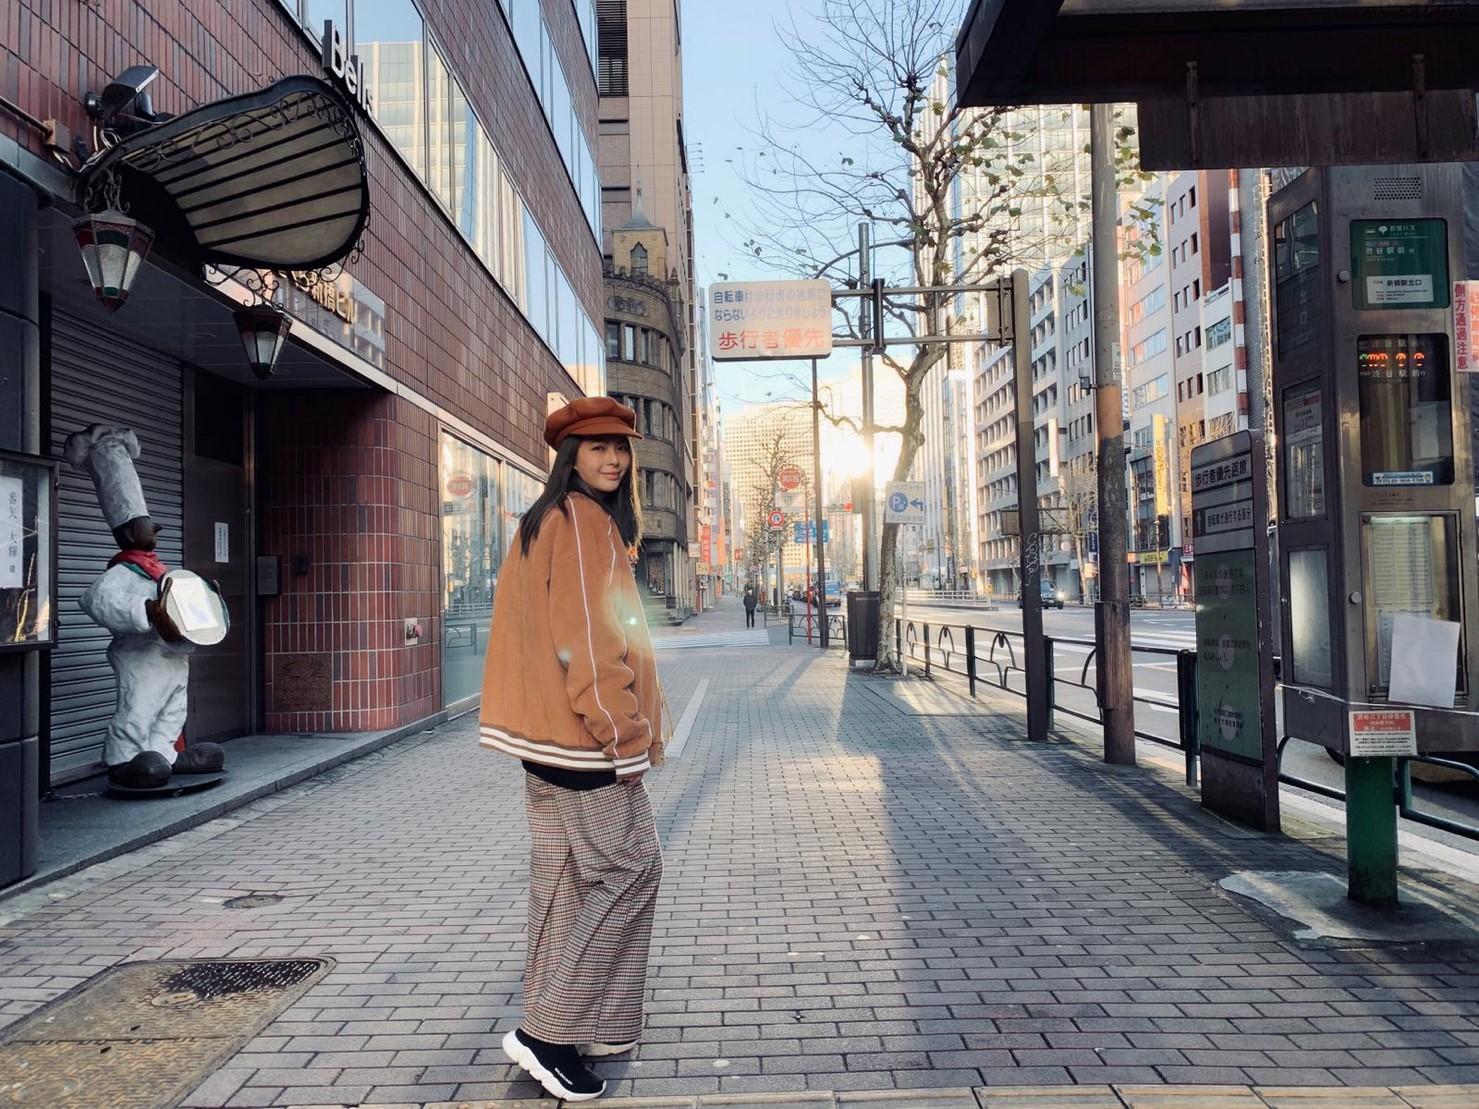 ▲對於黃沐妍而言,想要放鬆或逛街買東西時,東京就是旅遊首選。